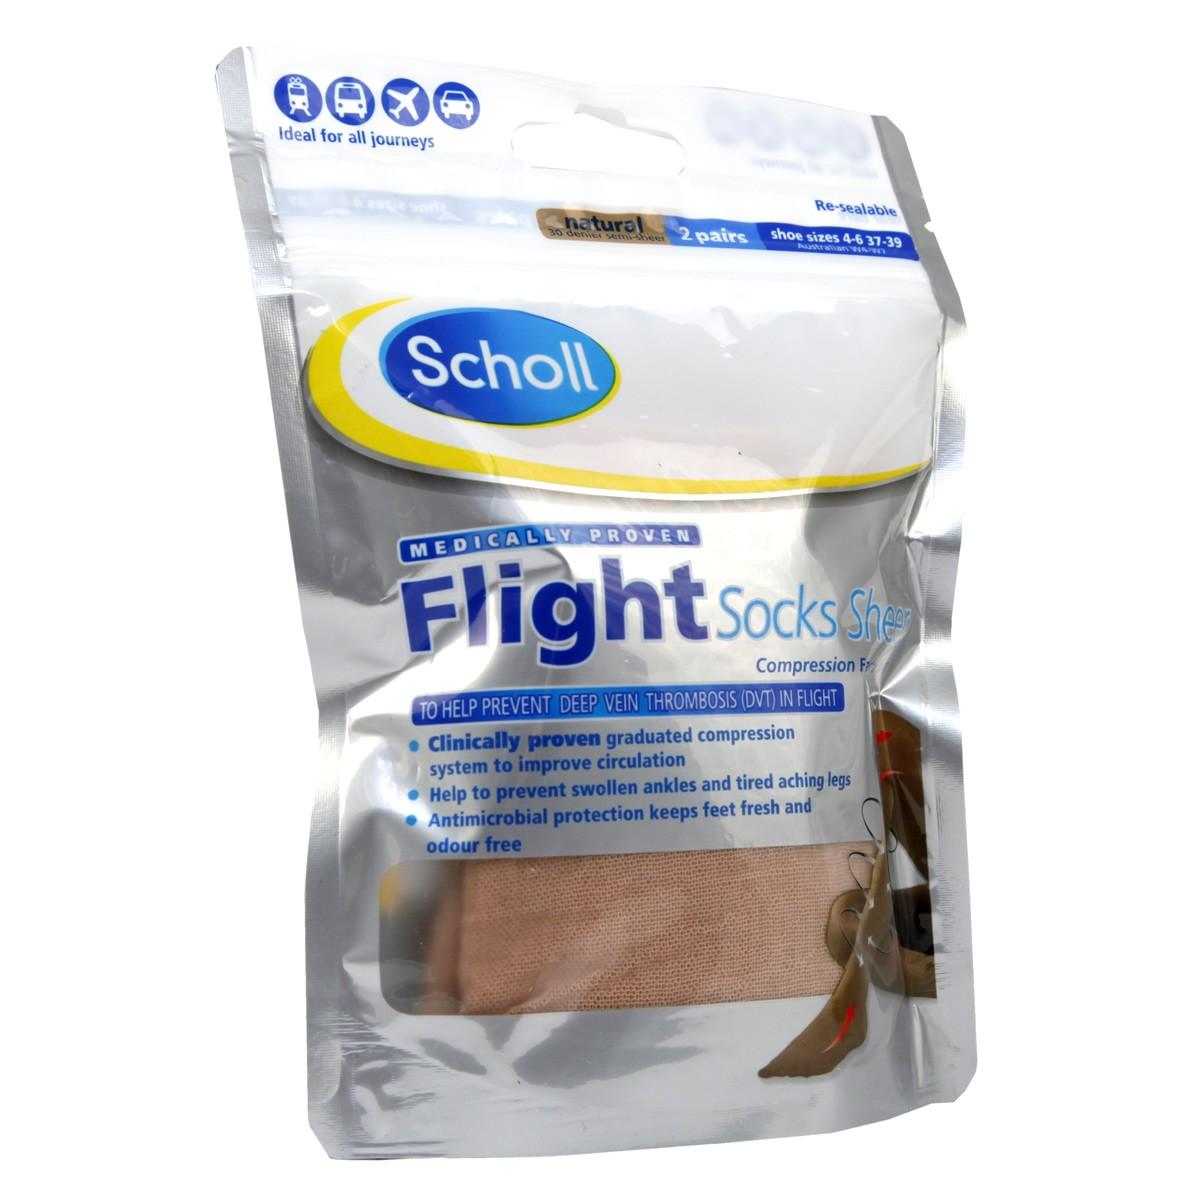 Scholl Flight Socks Sheer 4-6 / Natural